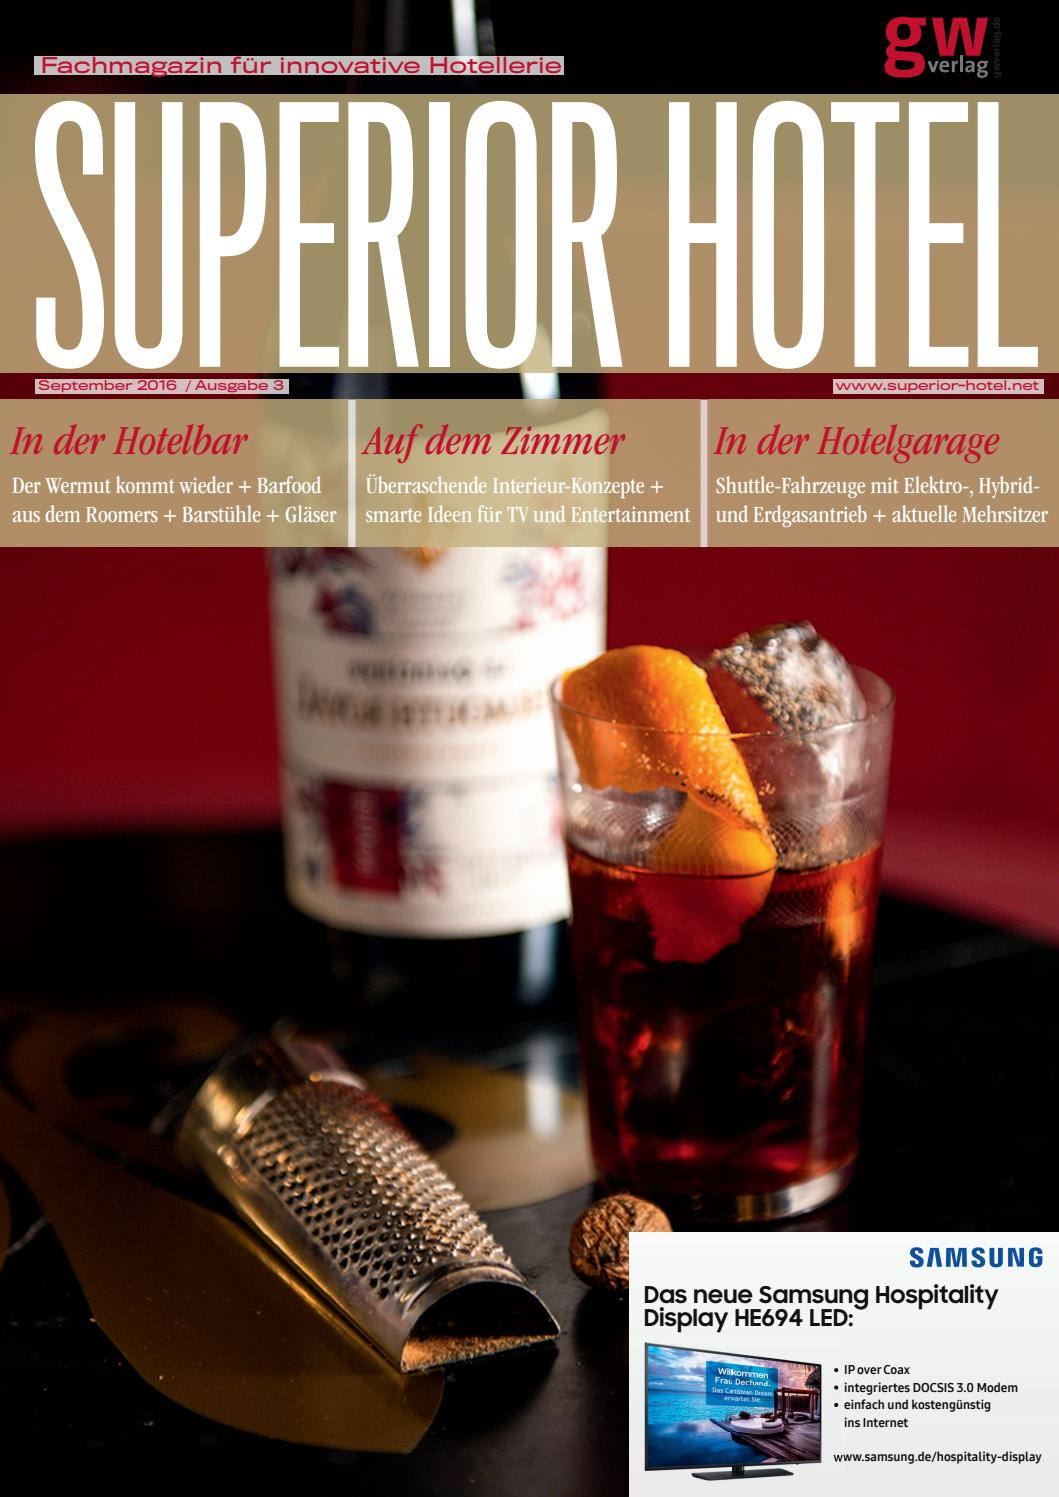 Entzuckend Superior Hotel 3/2016 By GW VERLAG   Issuu